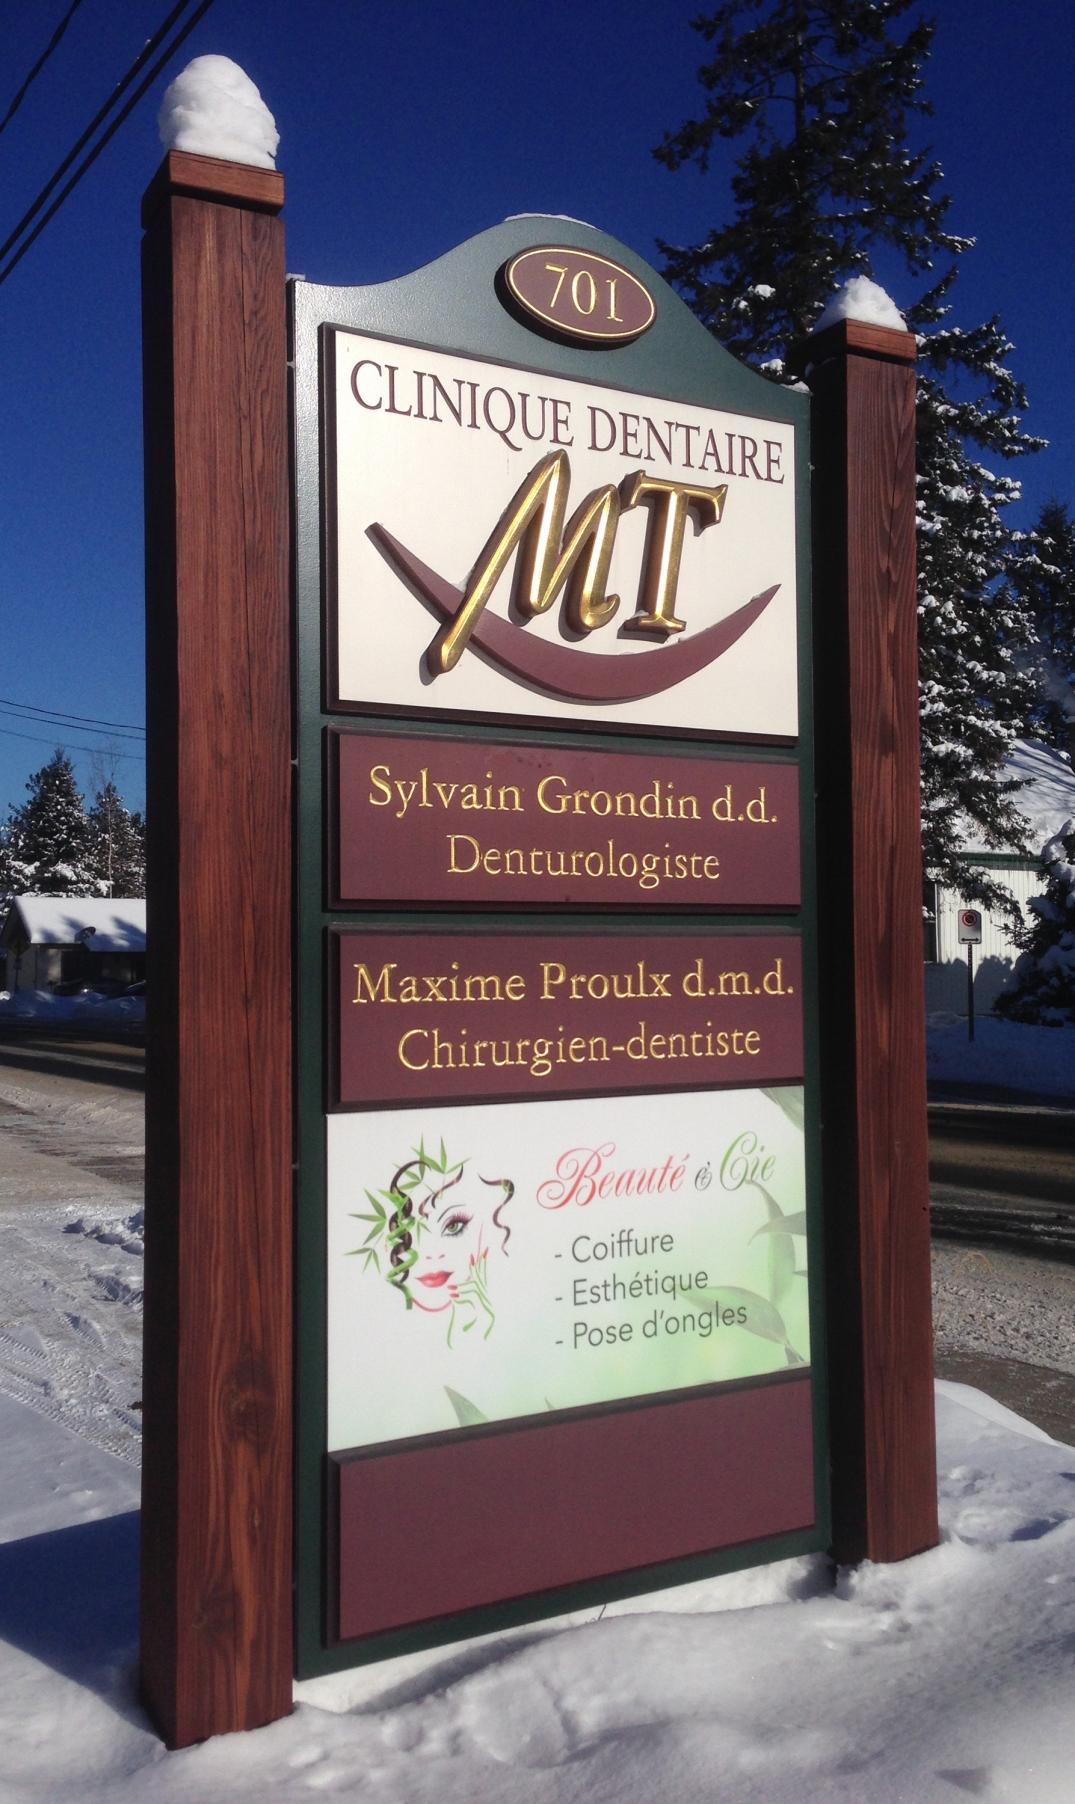 Clinique Dentaire MT